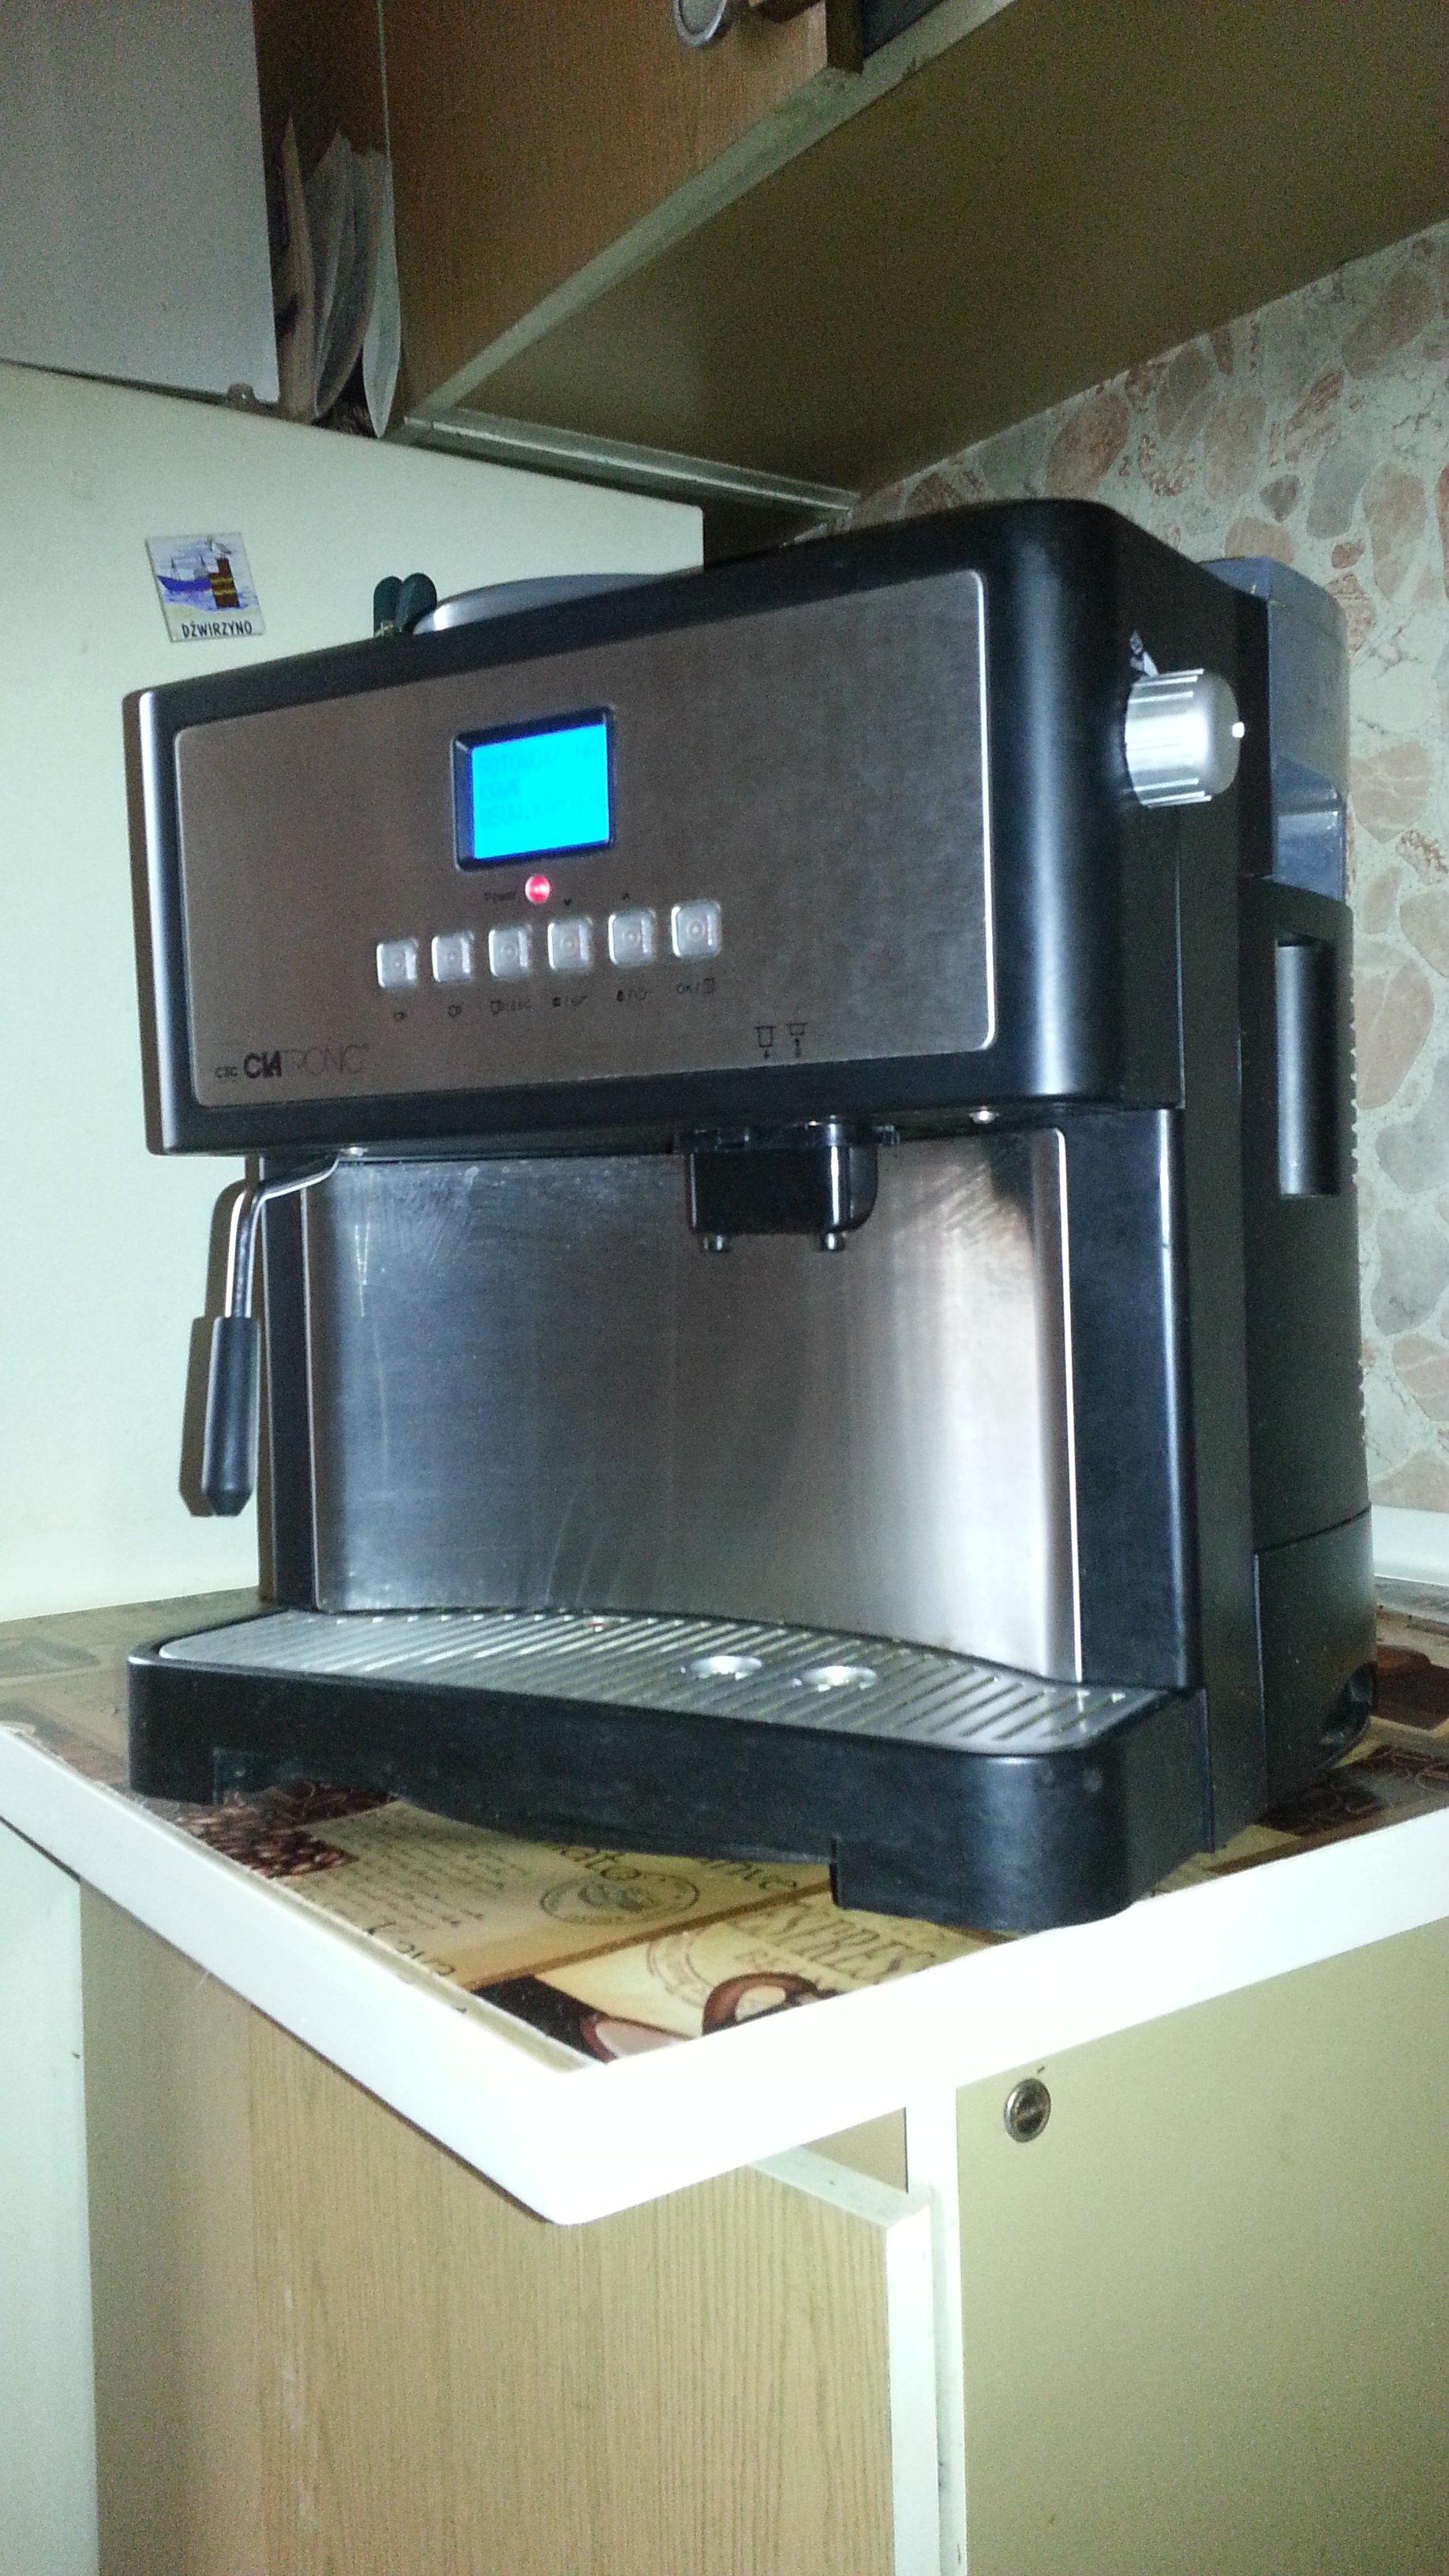 automatyczny ekspres do kawy clatronik KEV-3002   całkowicie sprawny